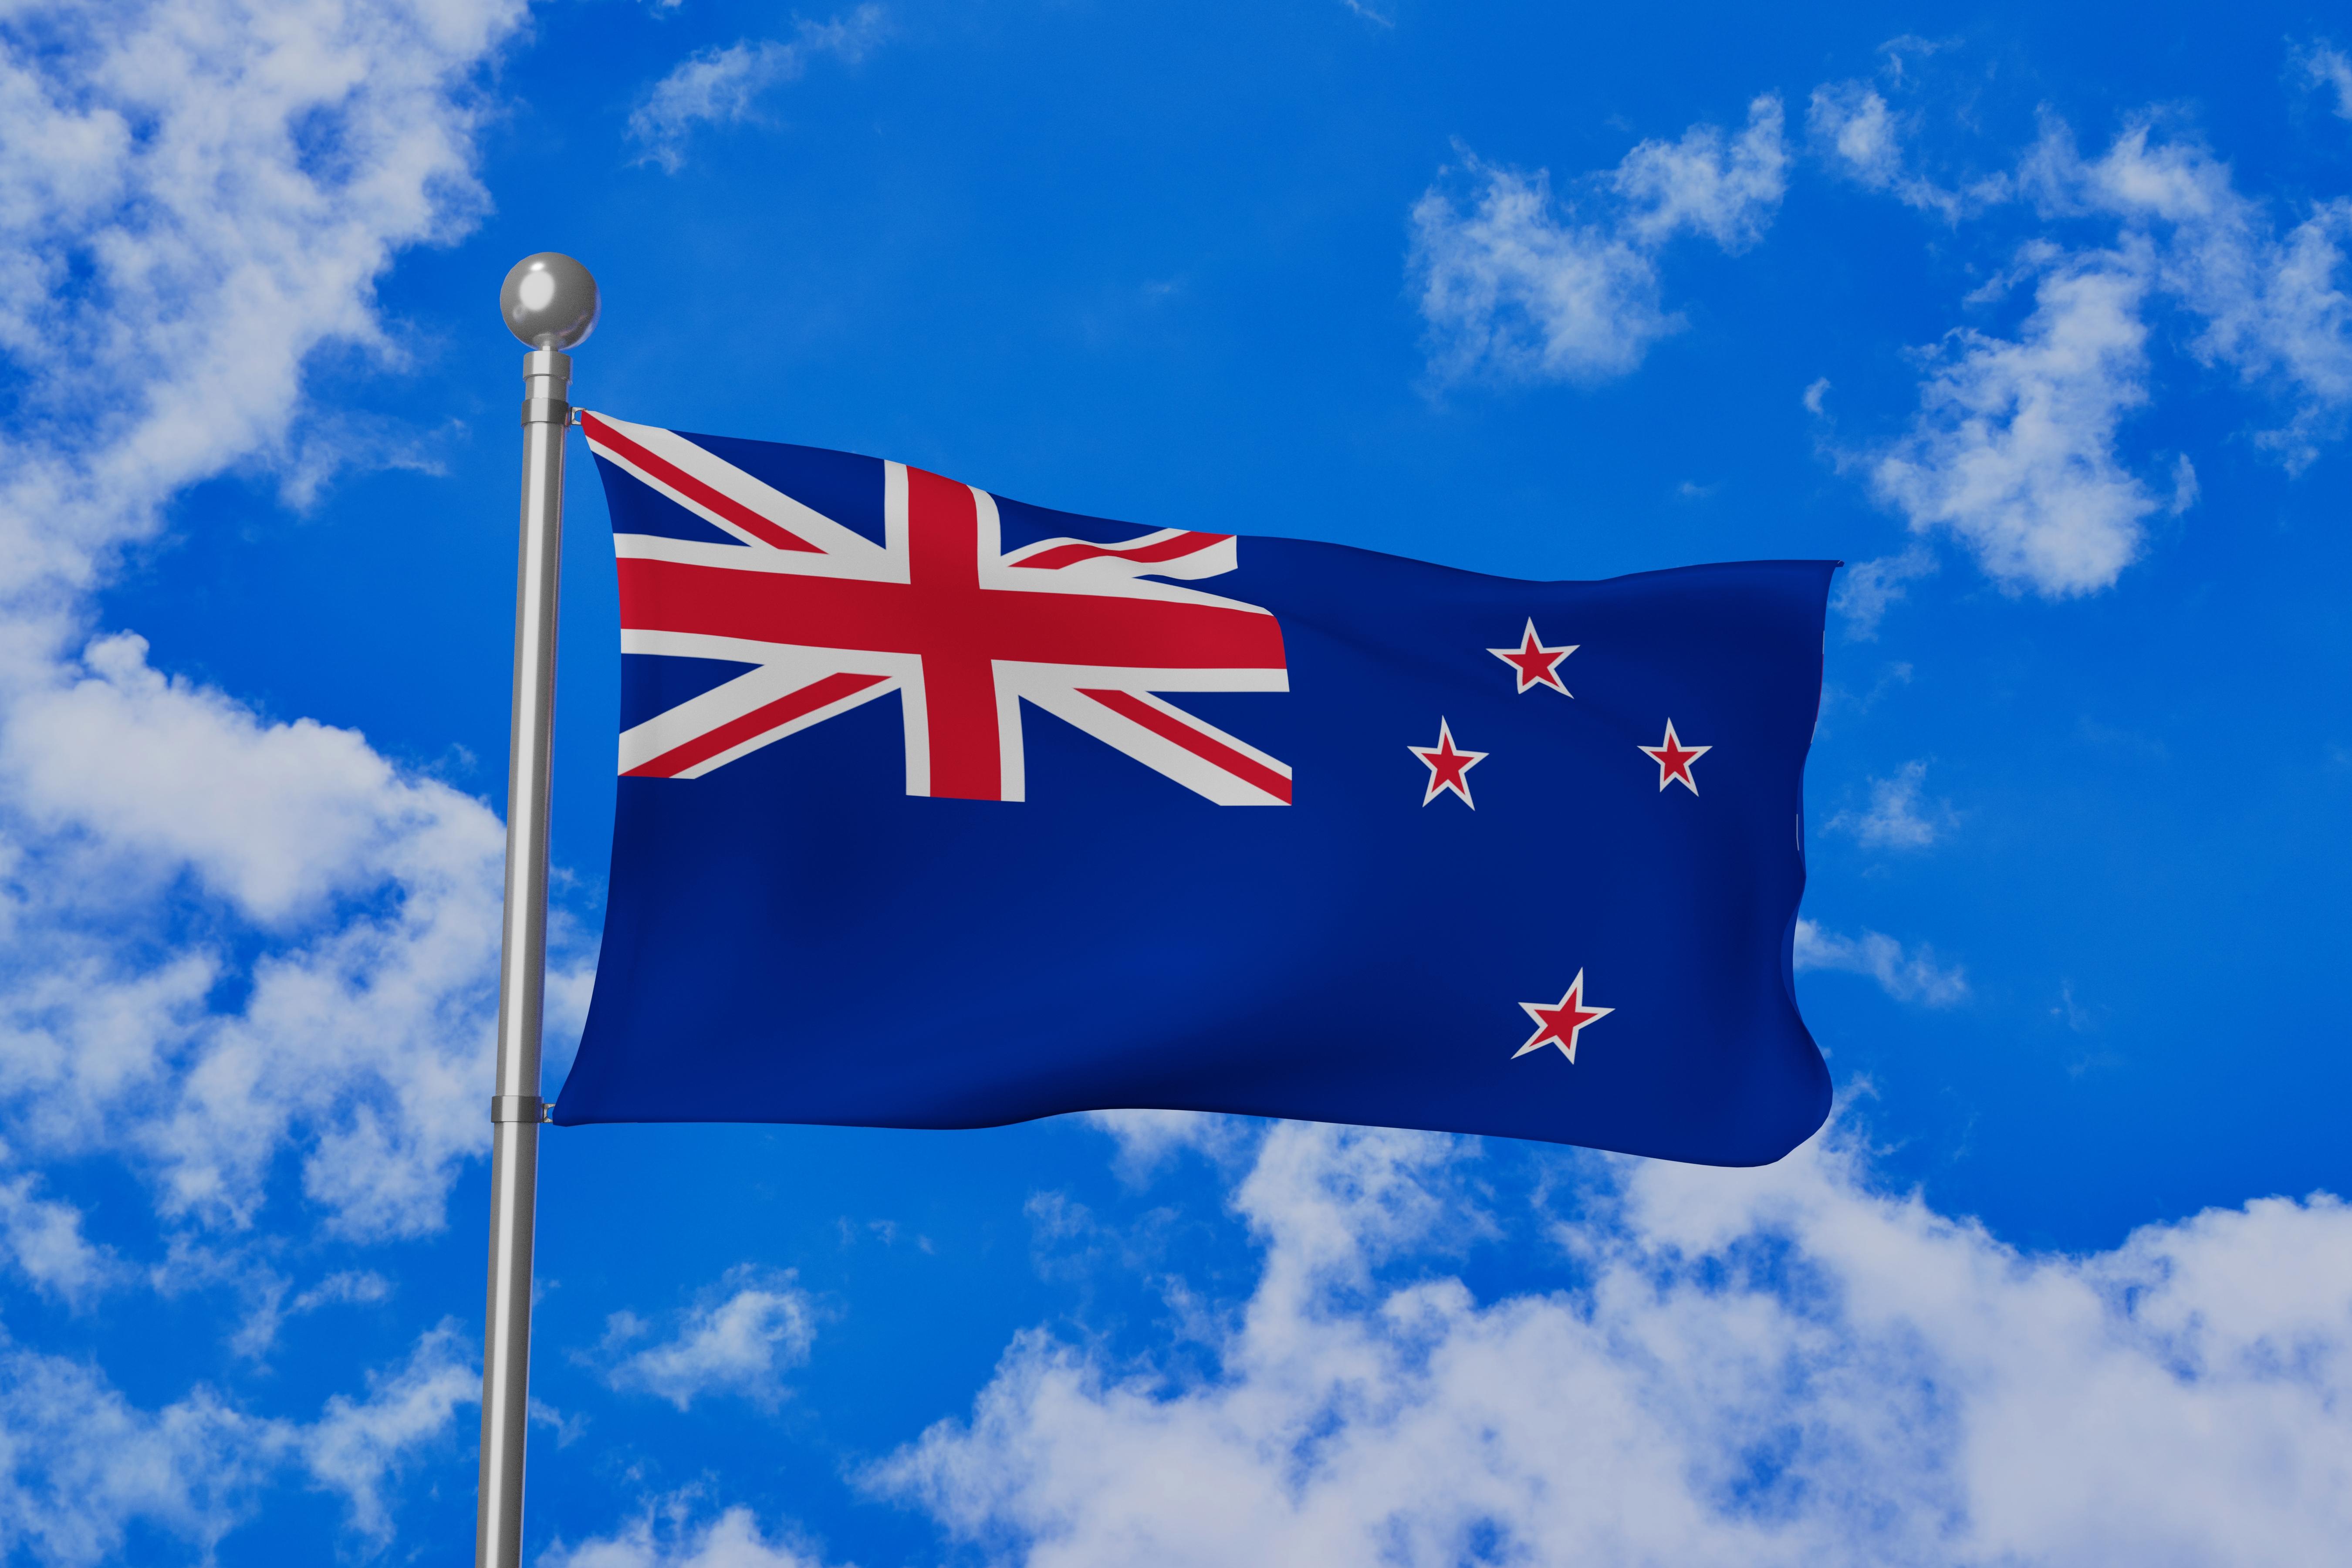 Флаг Новой Зеландии, ПМЖ которой могут получить иностранцы